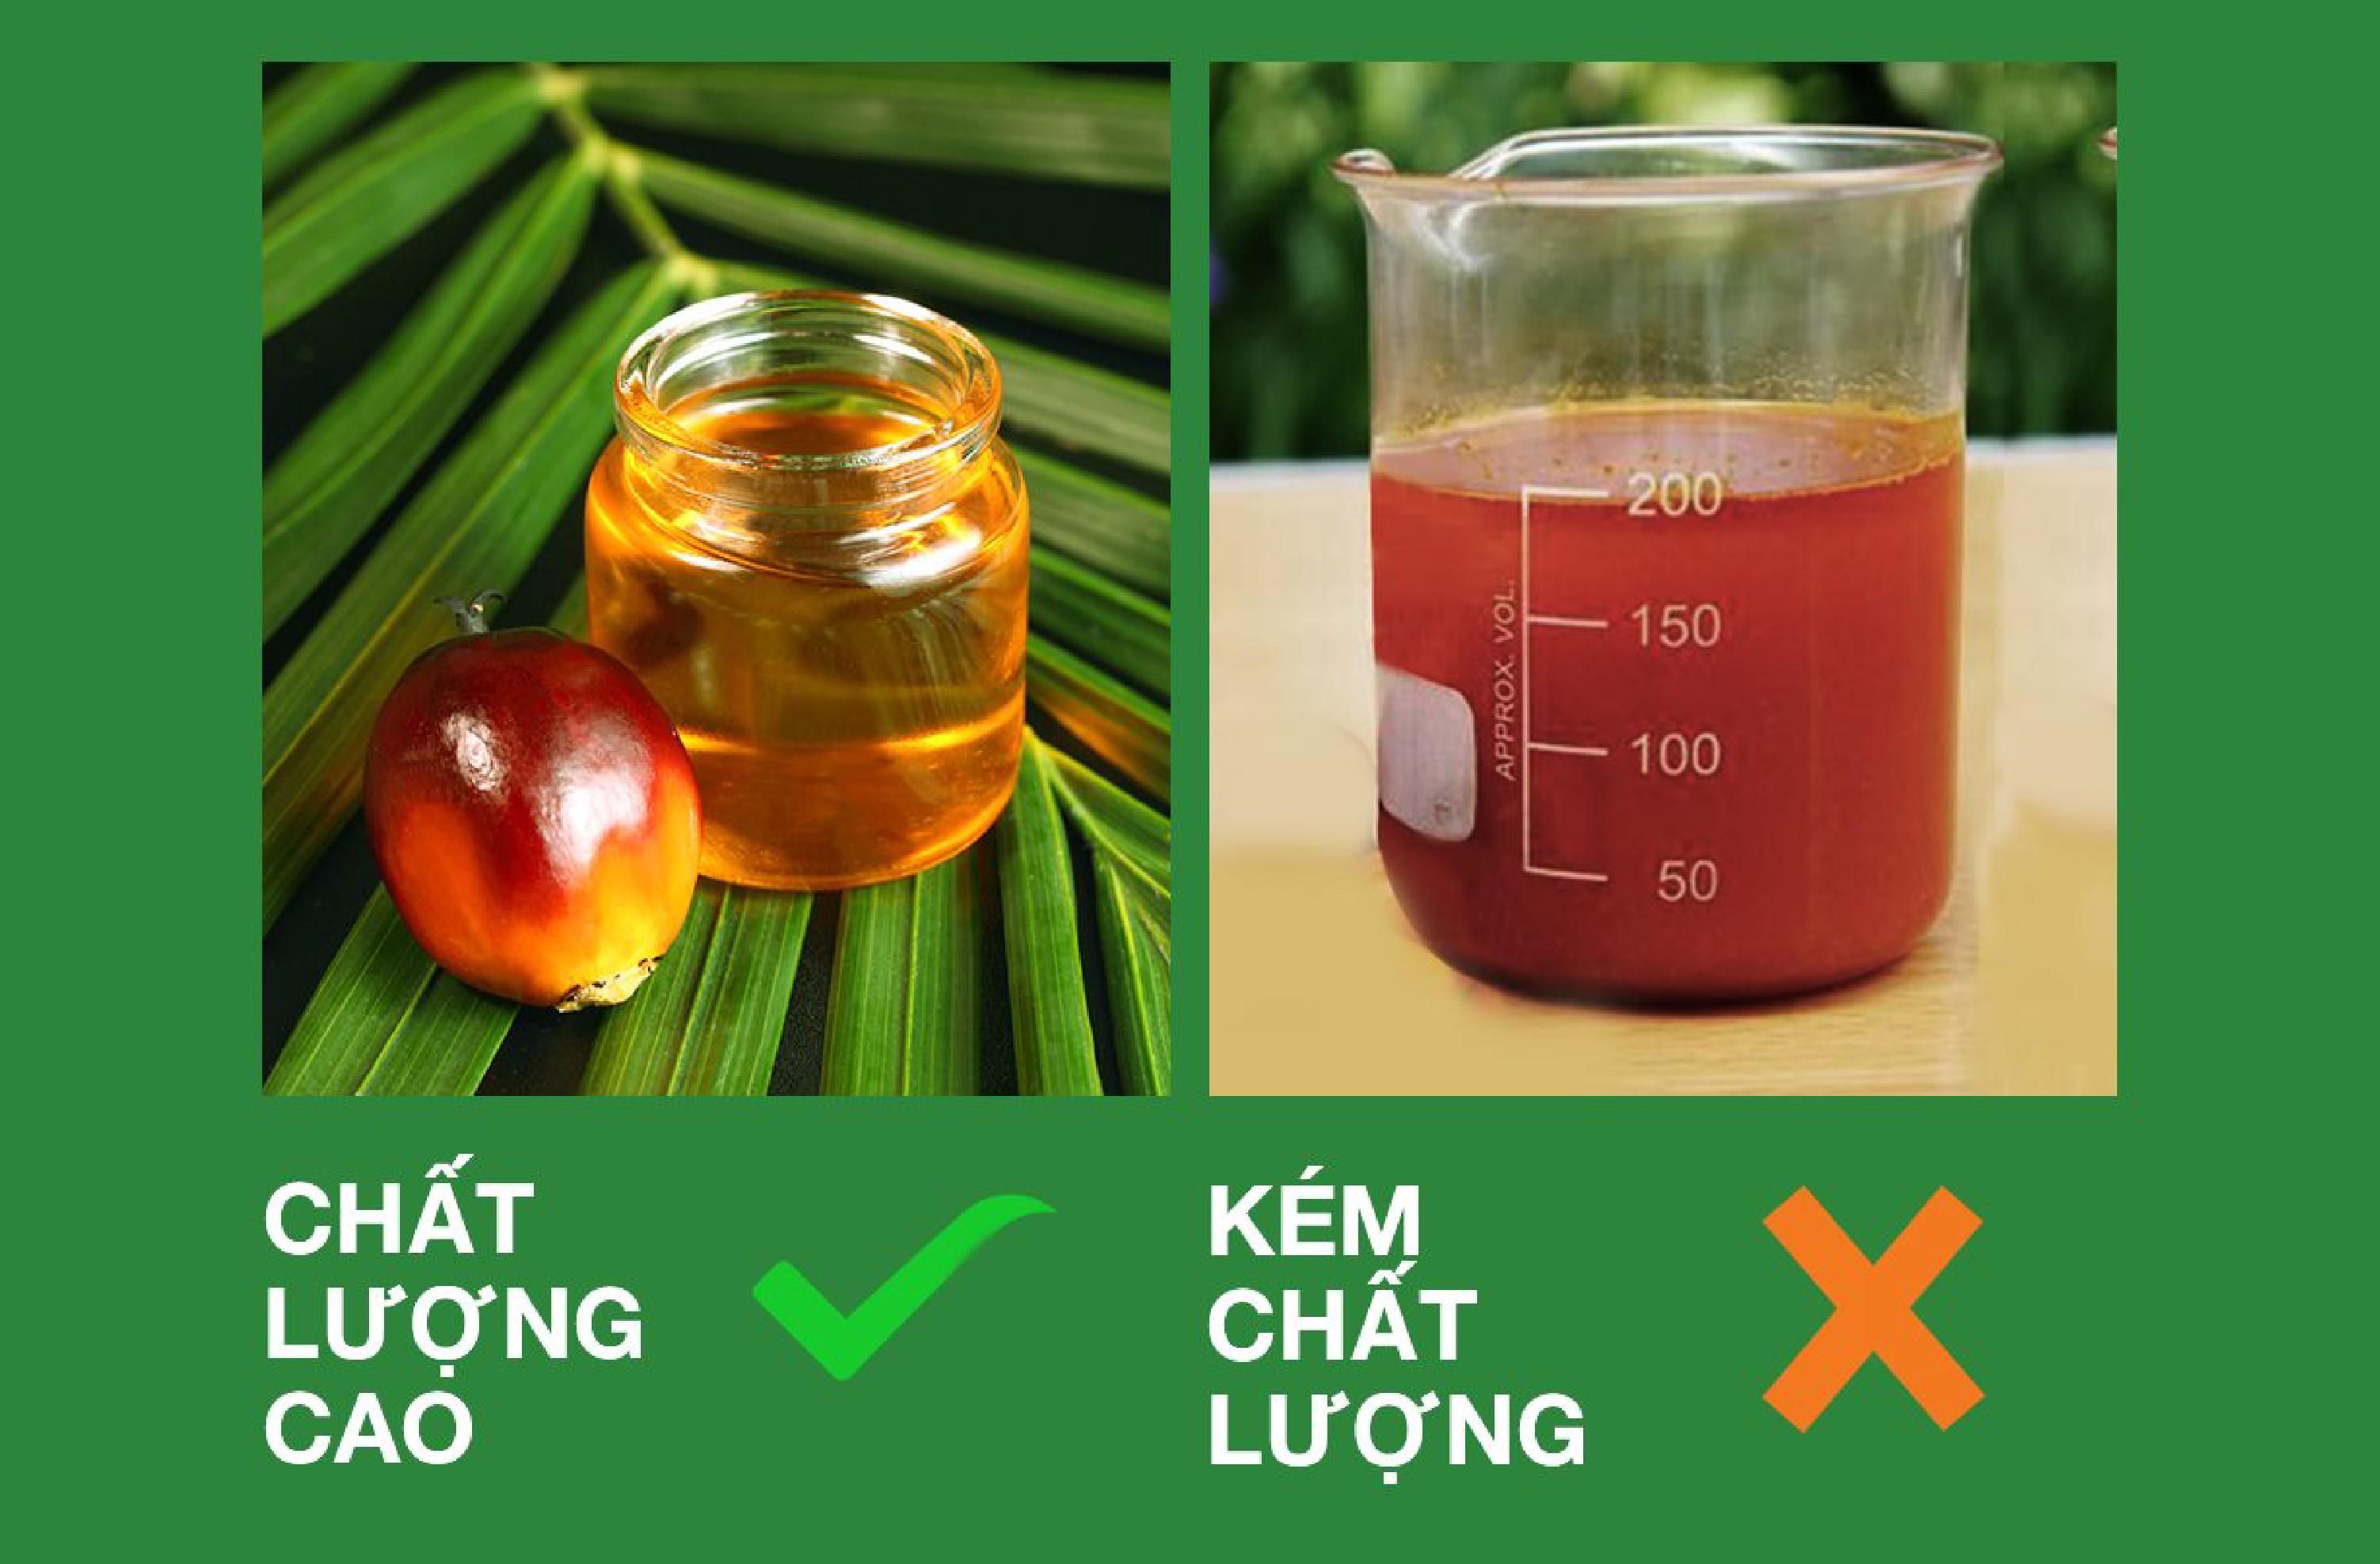 Làm thế nào để phân biệt tinh dầu cọ chất lượng cao và  kém chất lượng?